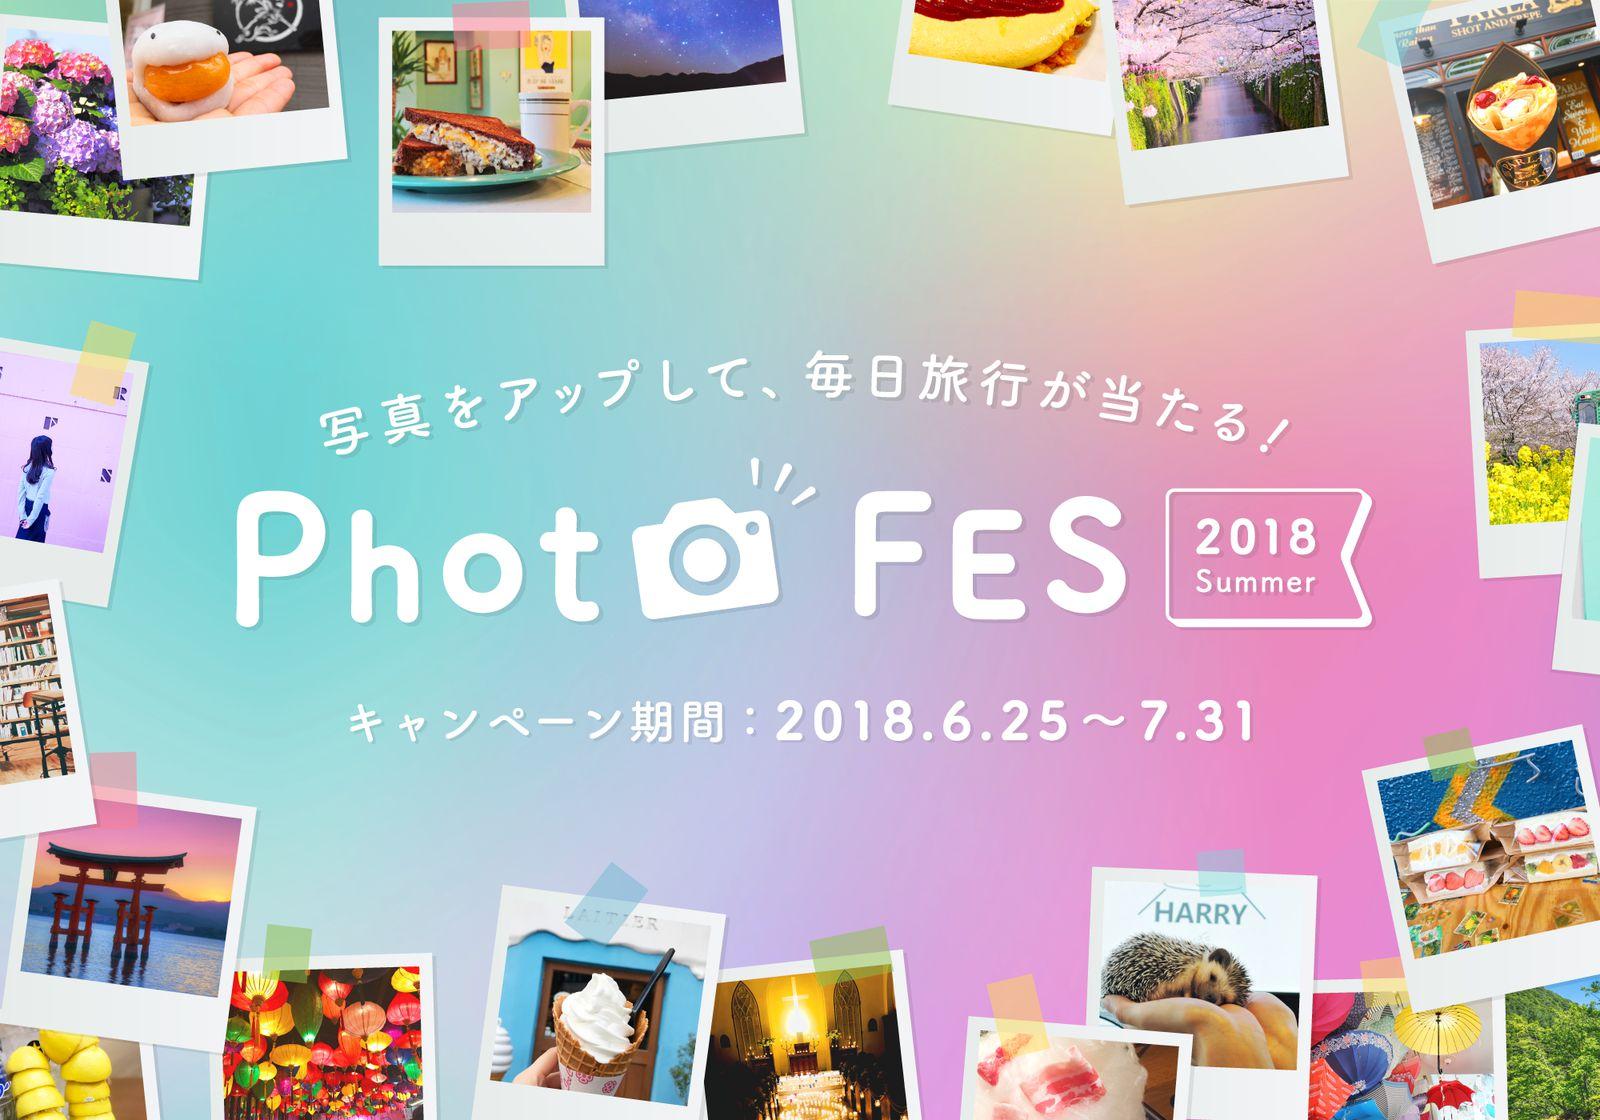 【終了】写真をアップして、毎日旅行が当たる!「RETRIP Photo FES 2018」開催